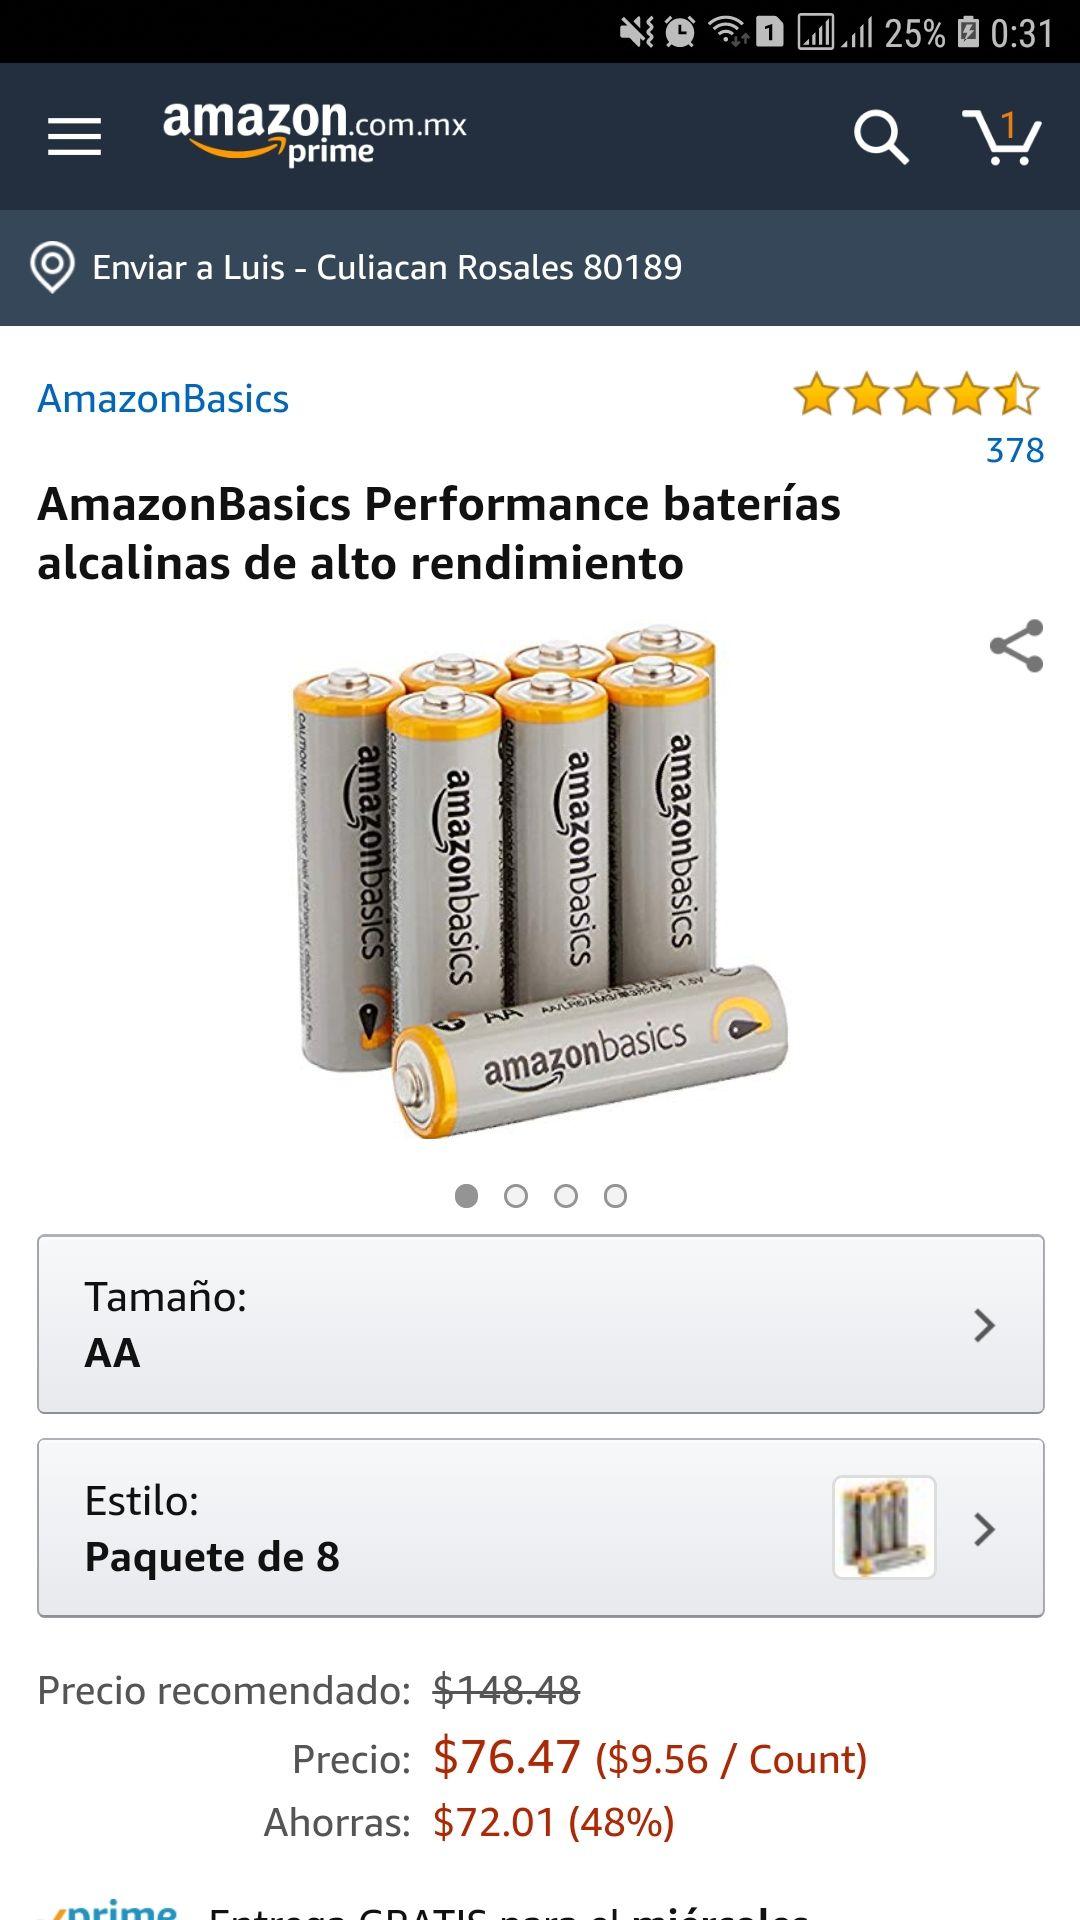 Amazon: Performance baterías AA alcalinas de alto rendimiento AmazonBasics